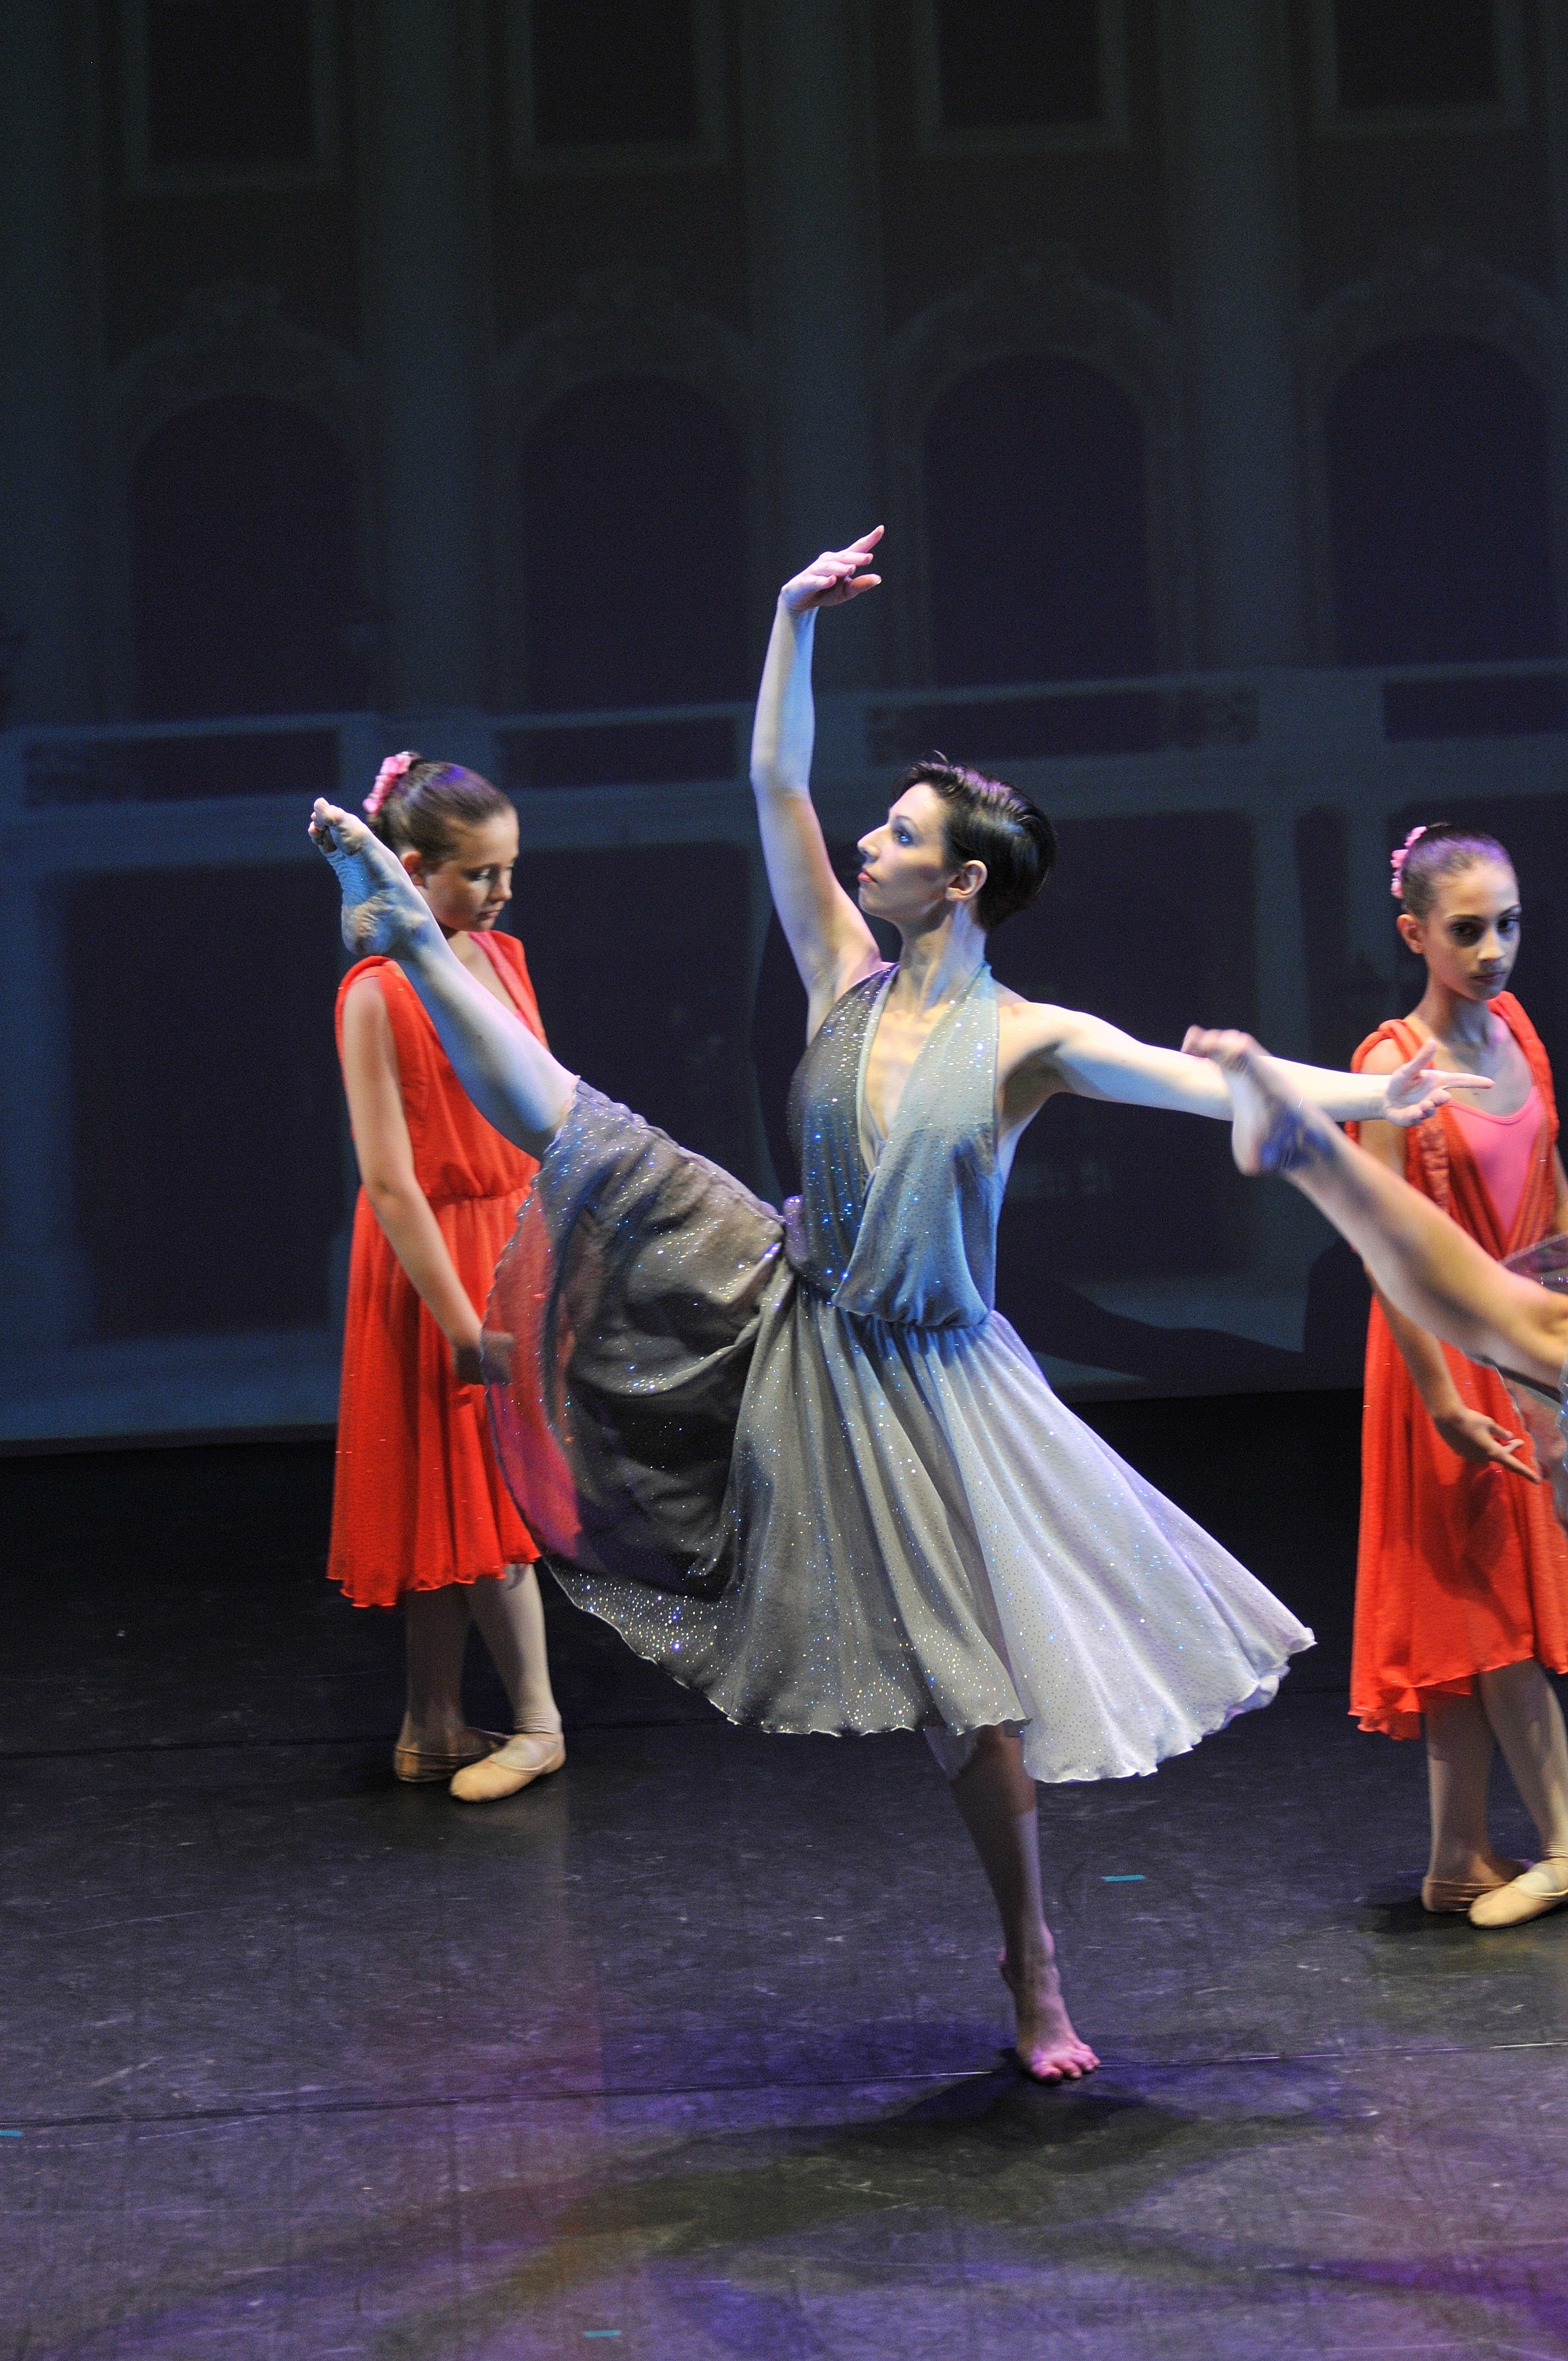 una ragazza che danza con una gamba alzata e delle bambine vestite di rosso